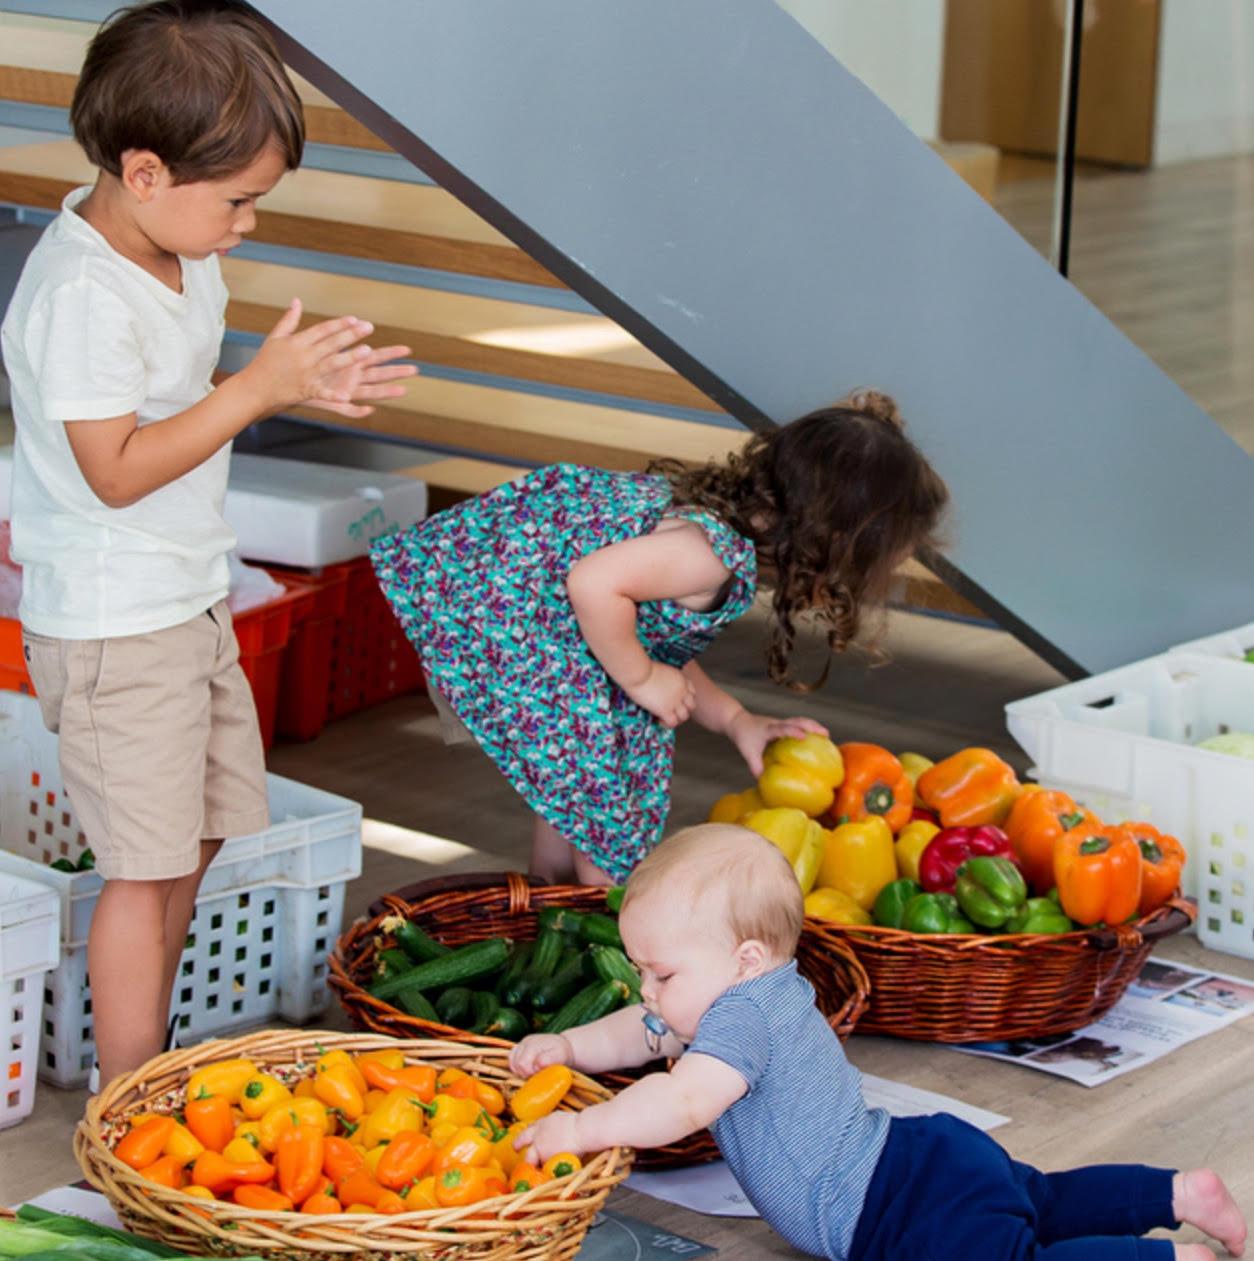 health-children-child-food-healthy